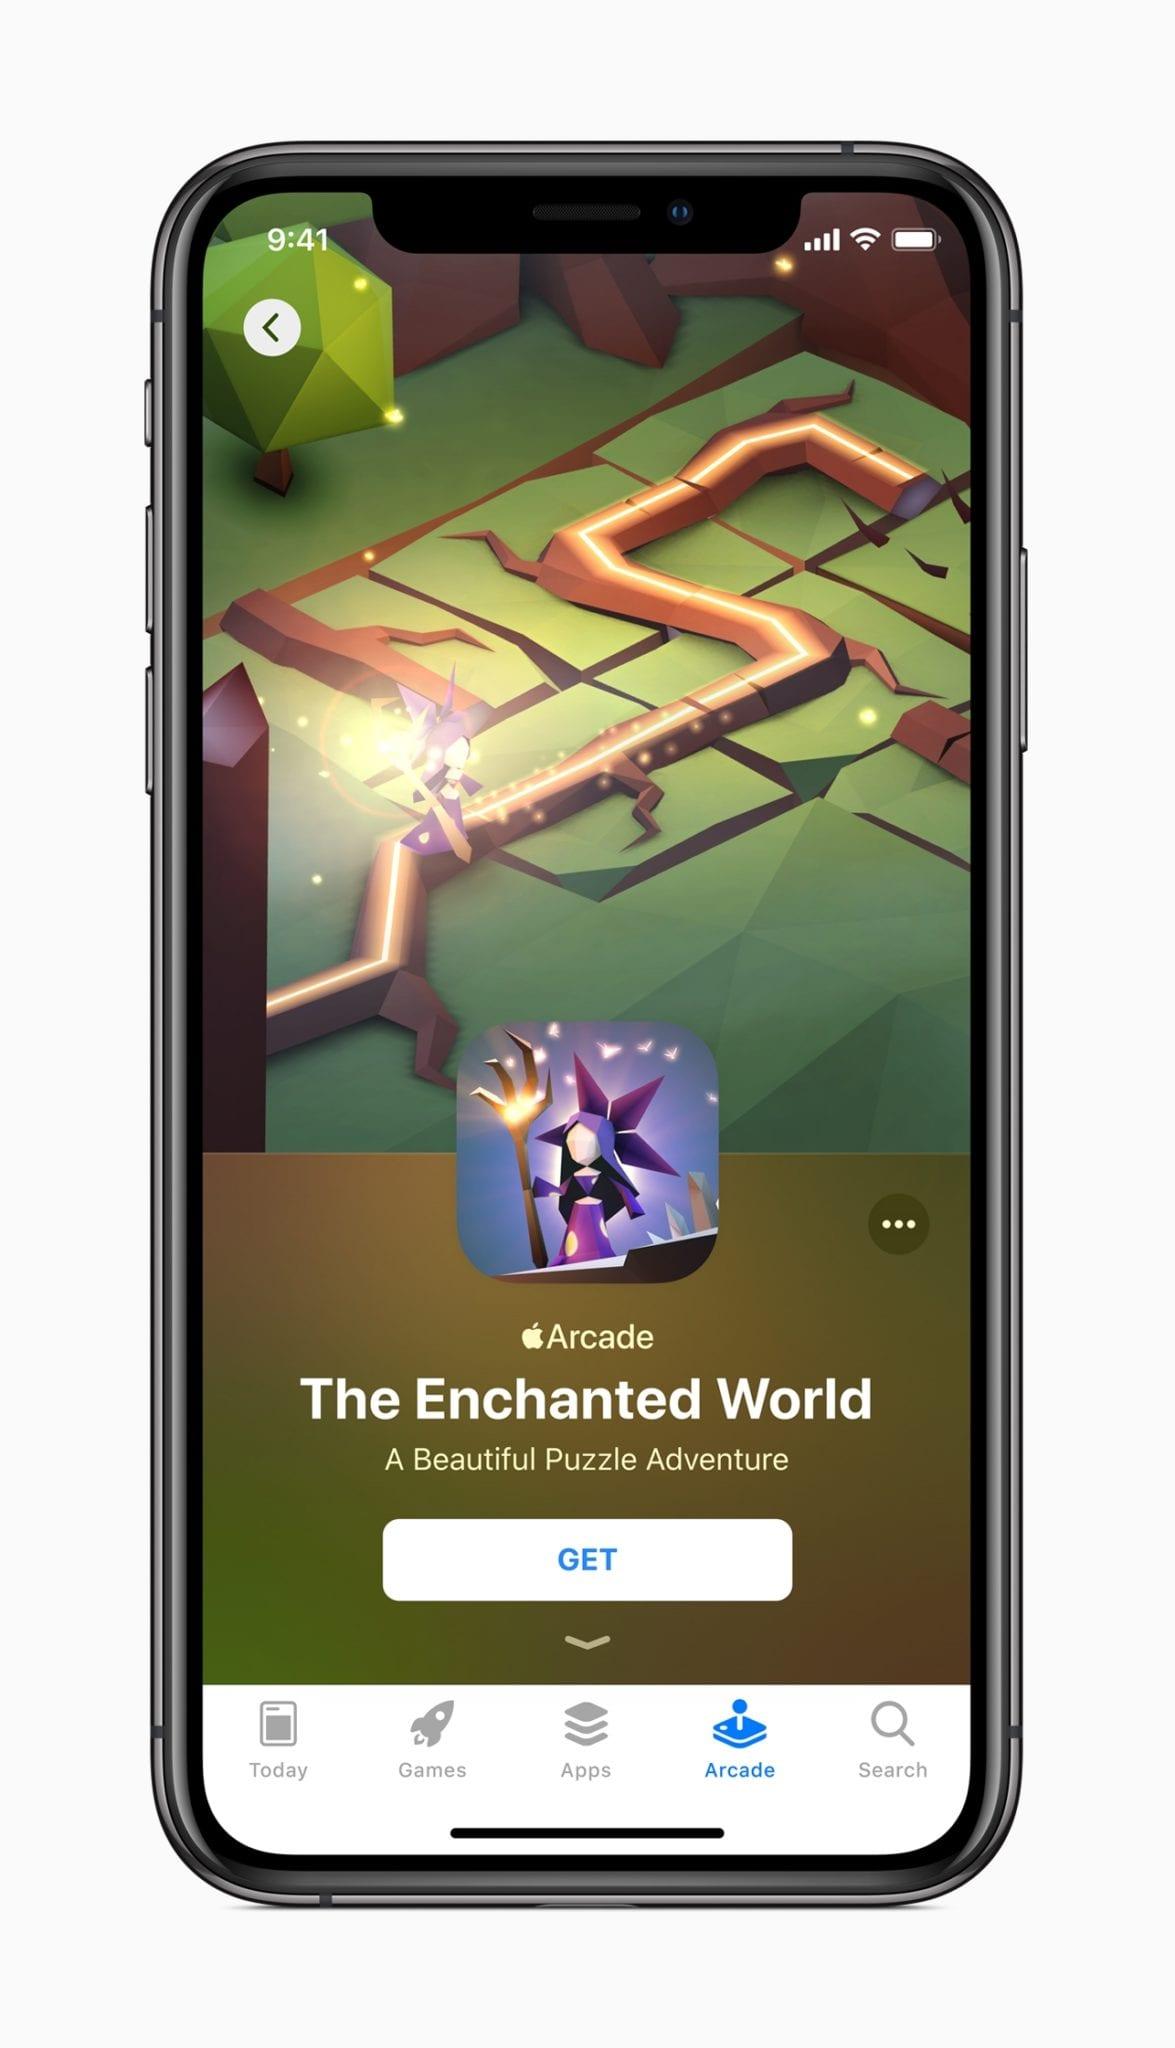 Apple Apple Arcade The Enchanted World 091019 - Výber z ponuky Apple Arcade